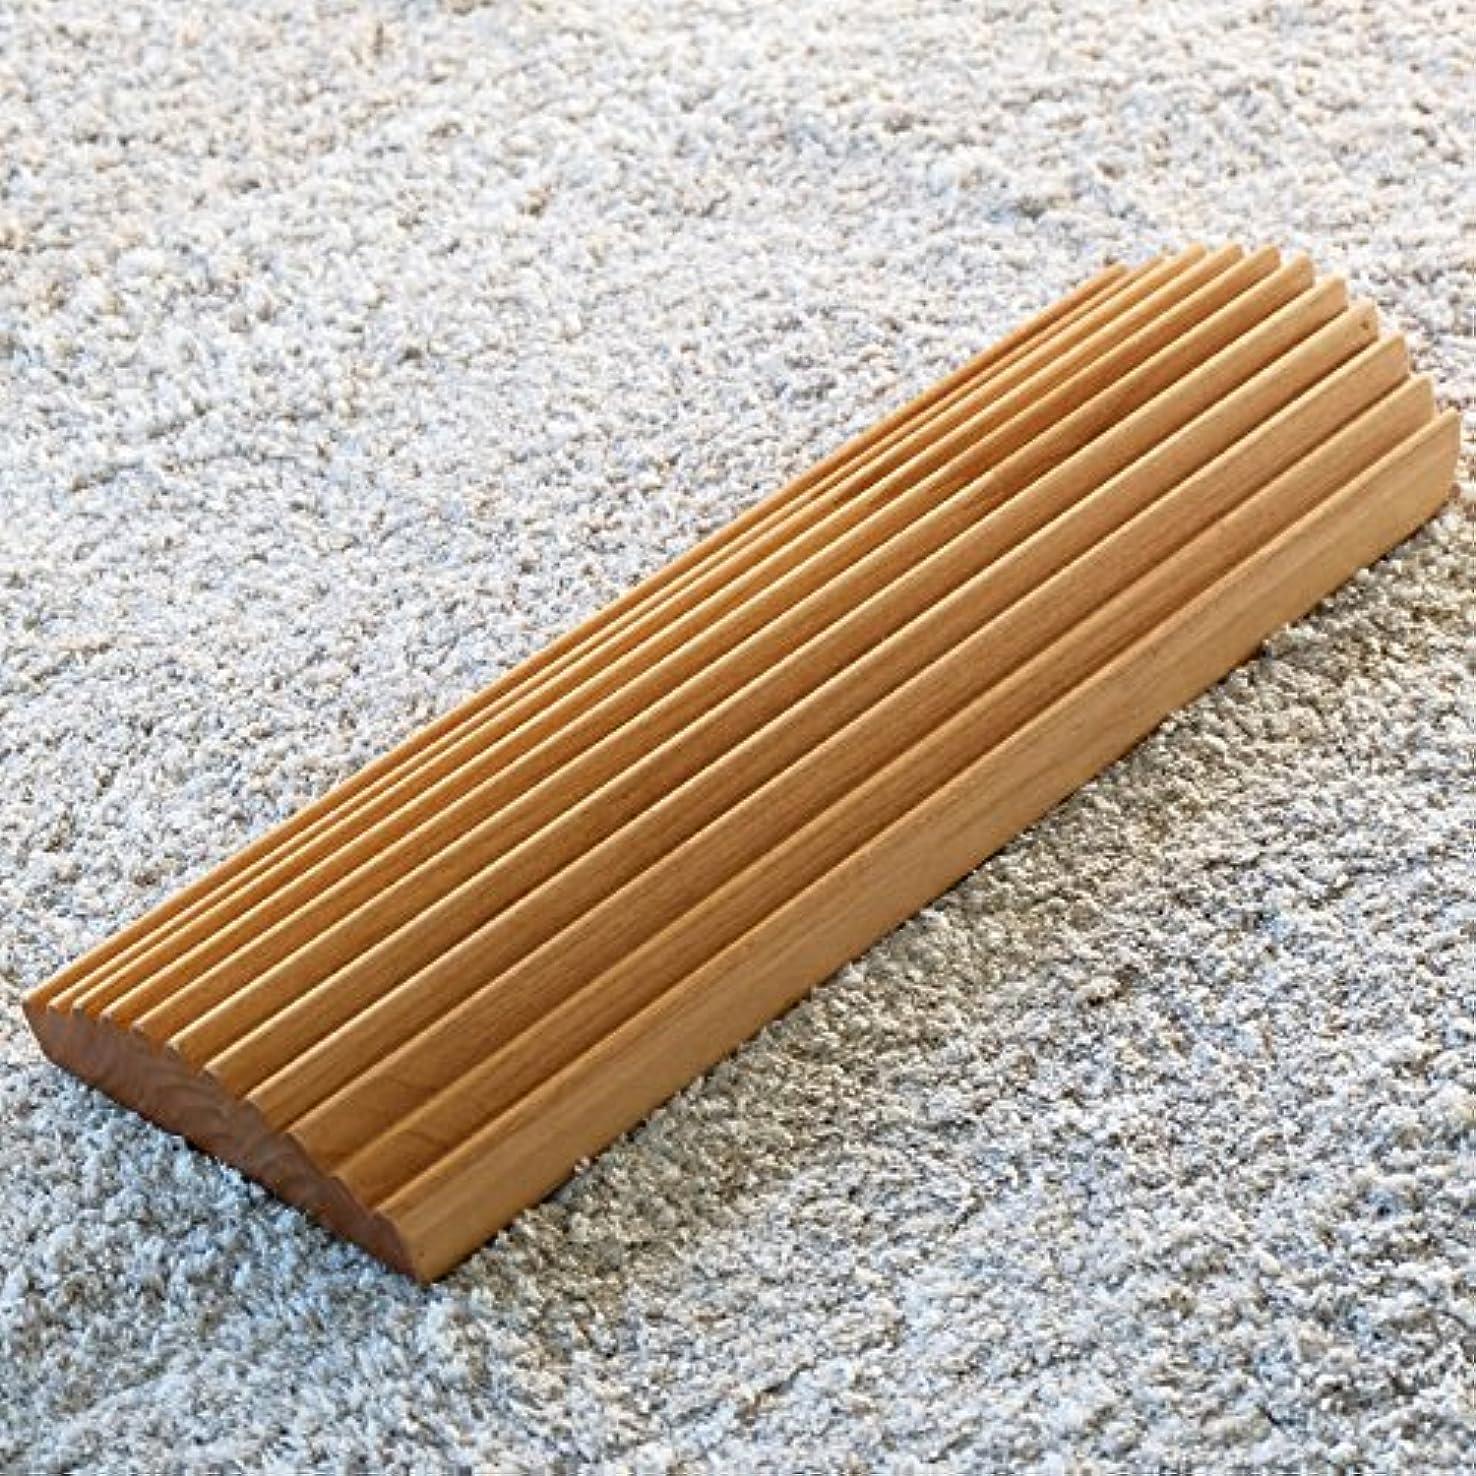 くぼみそっとニックネームISSEIKI 足踏み アルダー材 幅40cm FIT ASIFUMI 40 (NA) フットケア 木製 おしゃれ プレゼント 指圧代用 FIT ASIFUMI 40 (AL-NA)